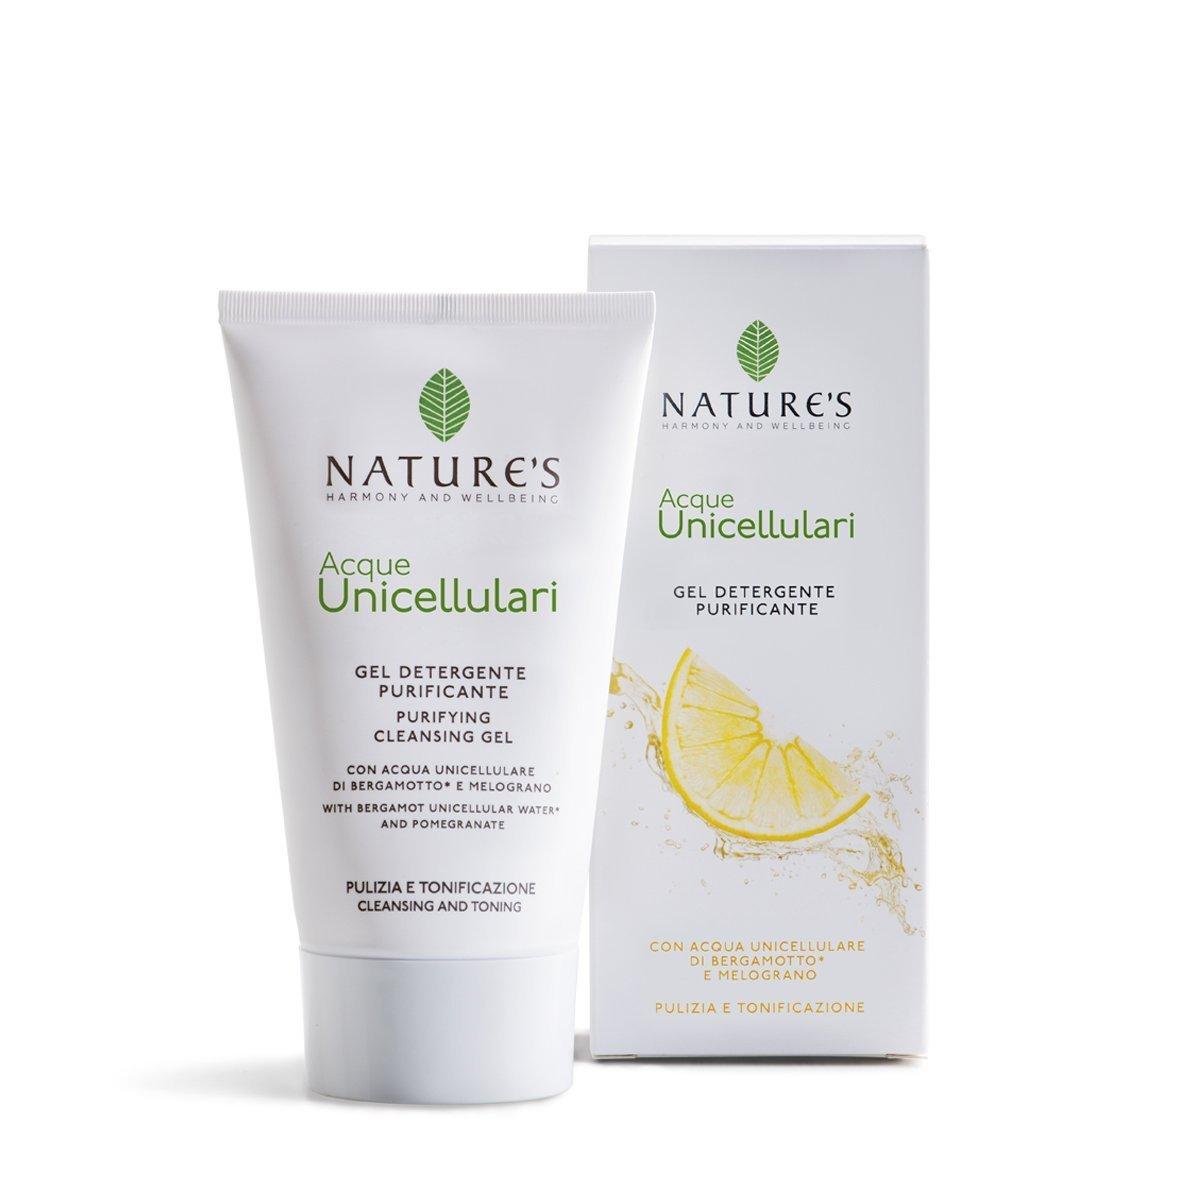 Gel detergente purificante - Acque unicellulari